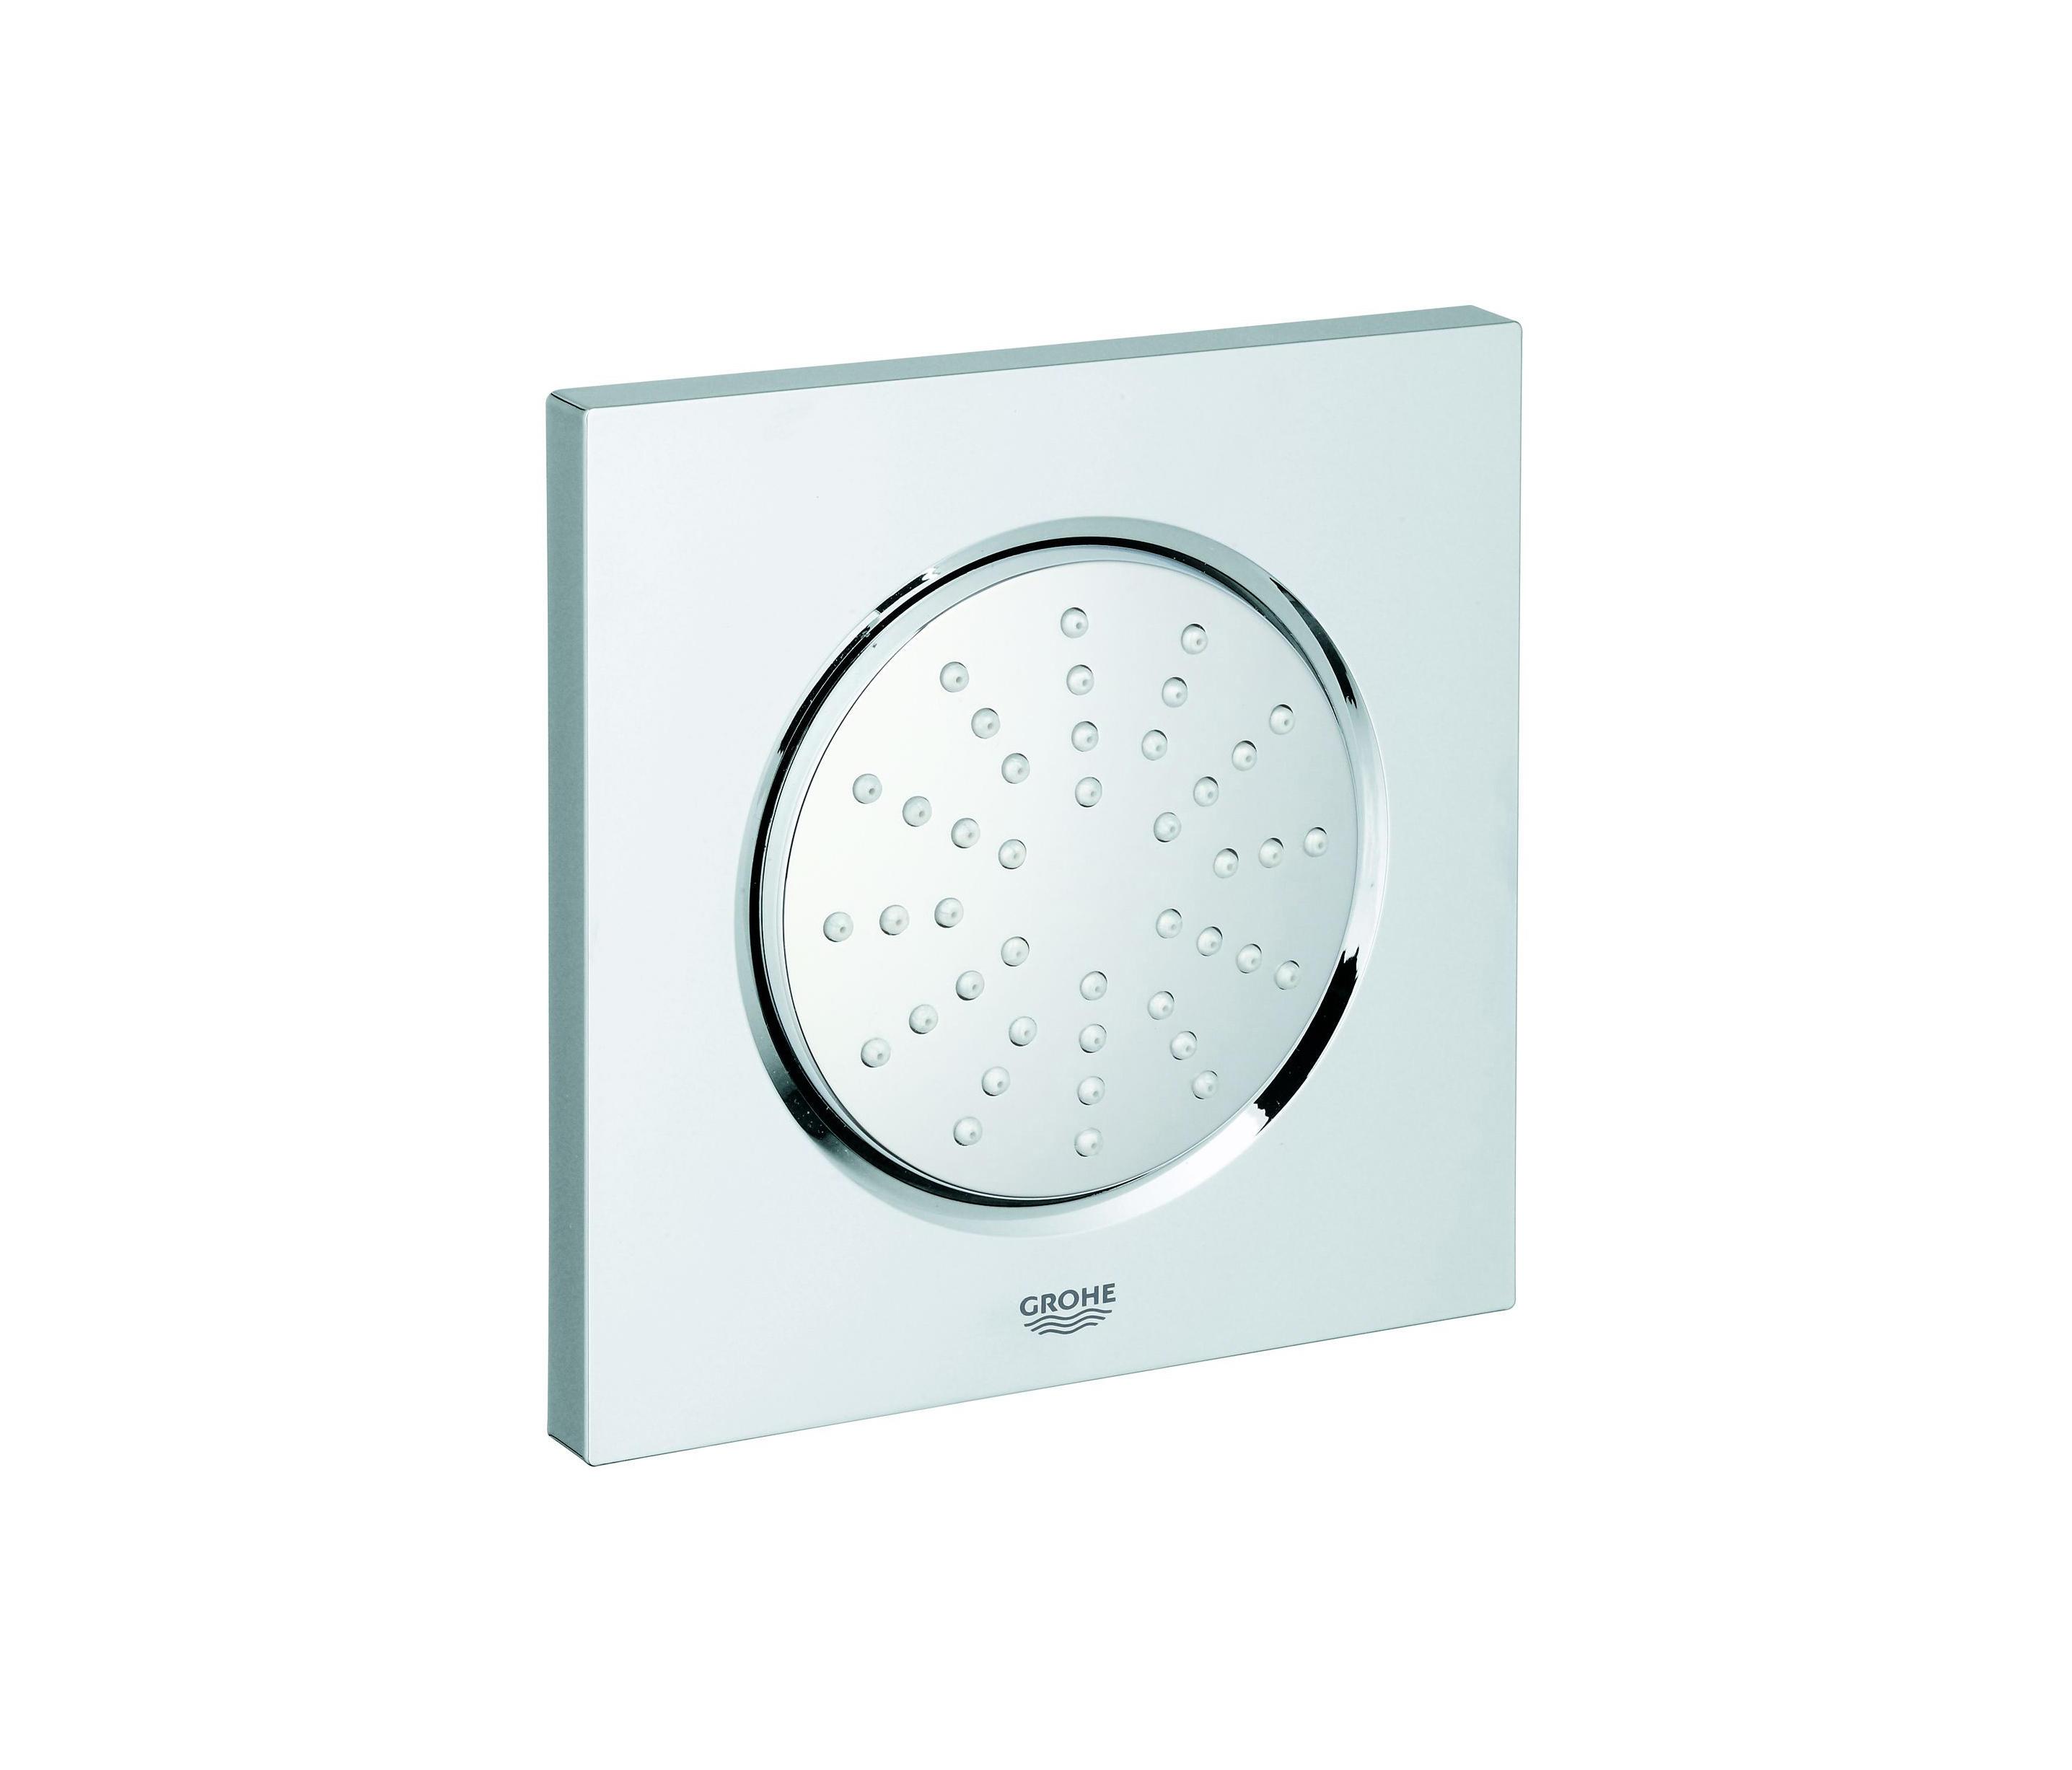 rainshower f series 5 side shower 1 spray shower taps. Black Bedroom Furniture Sets. Home Design Ideas